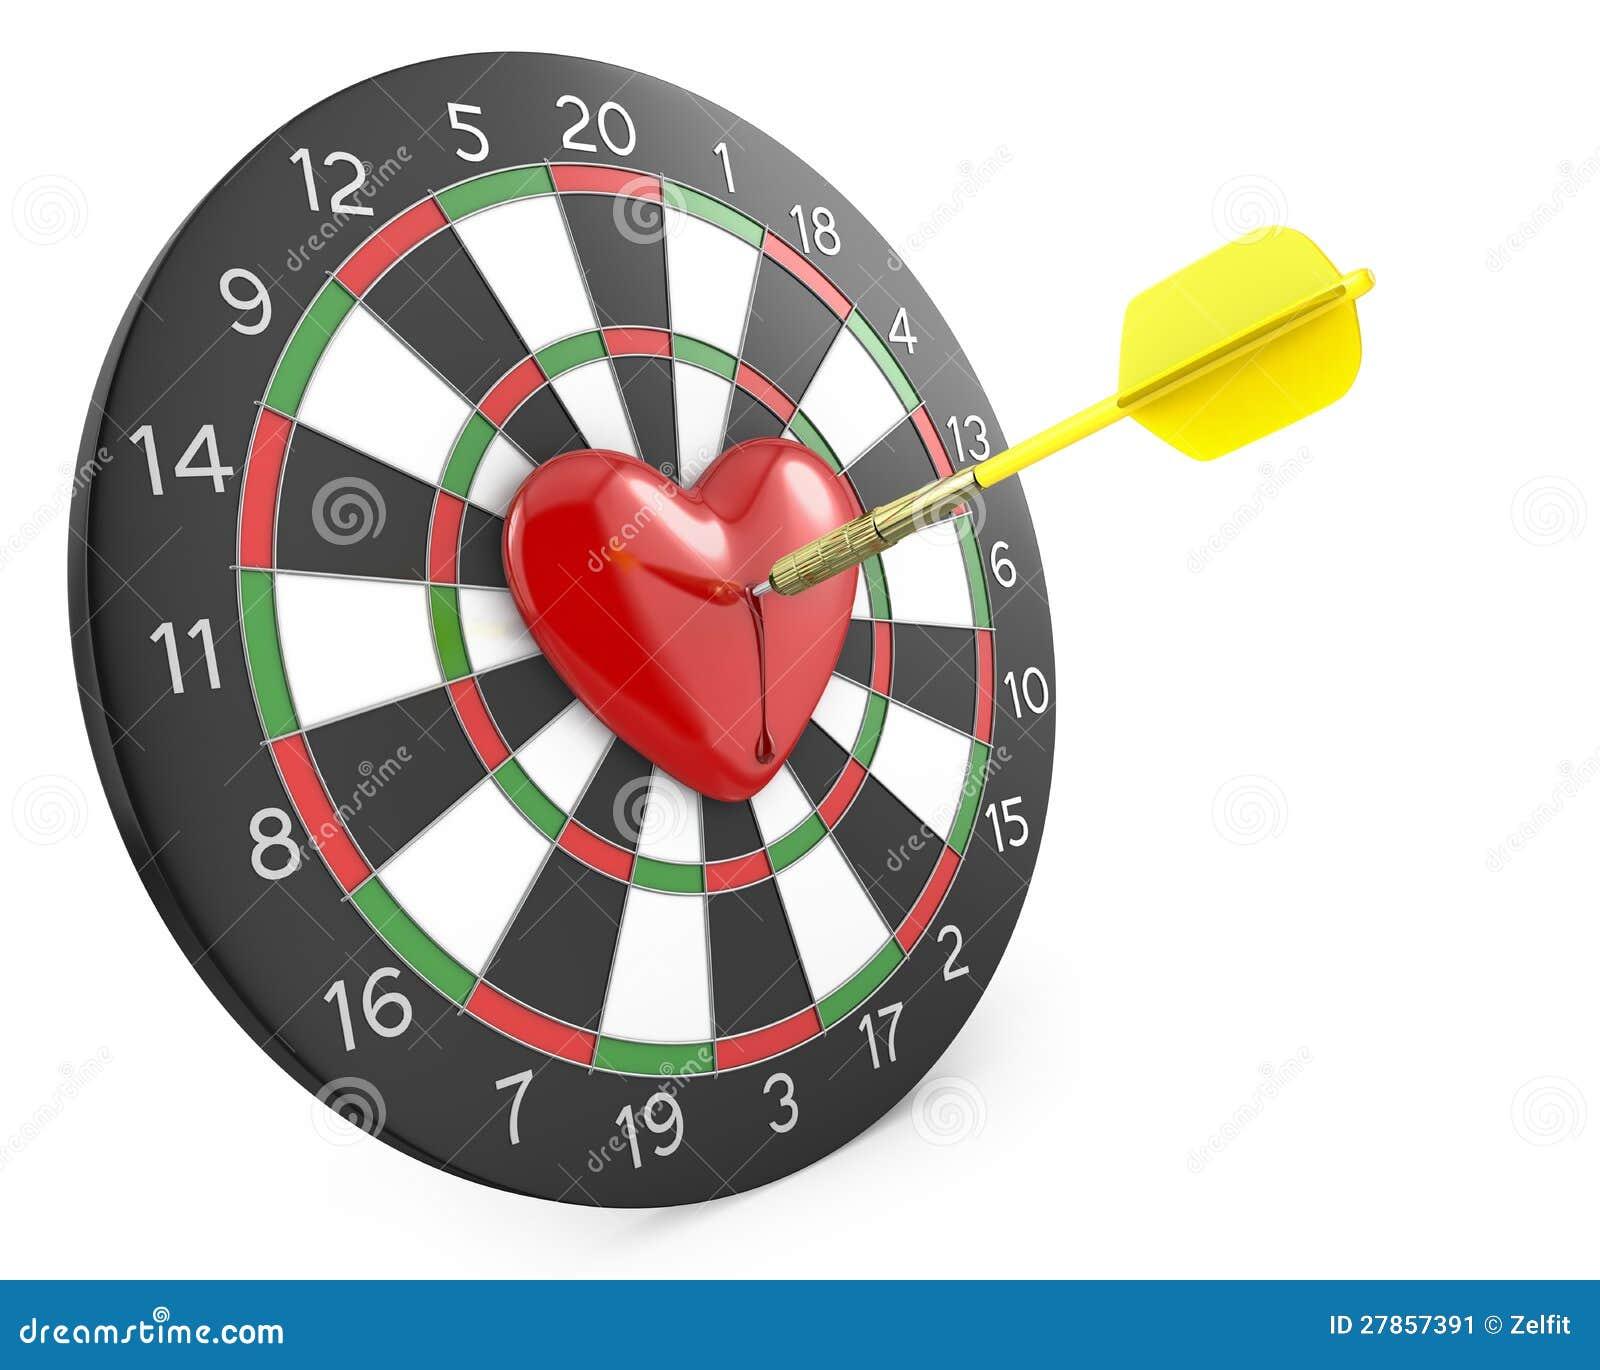 Strzałka uderza serce w centrum dartboad